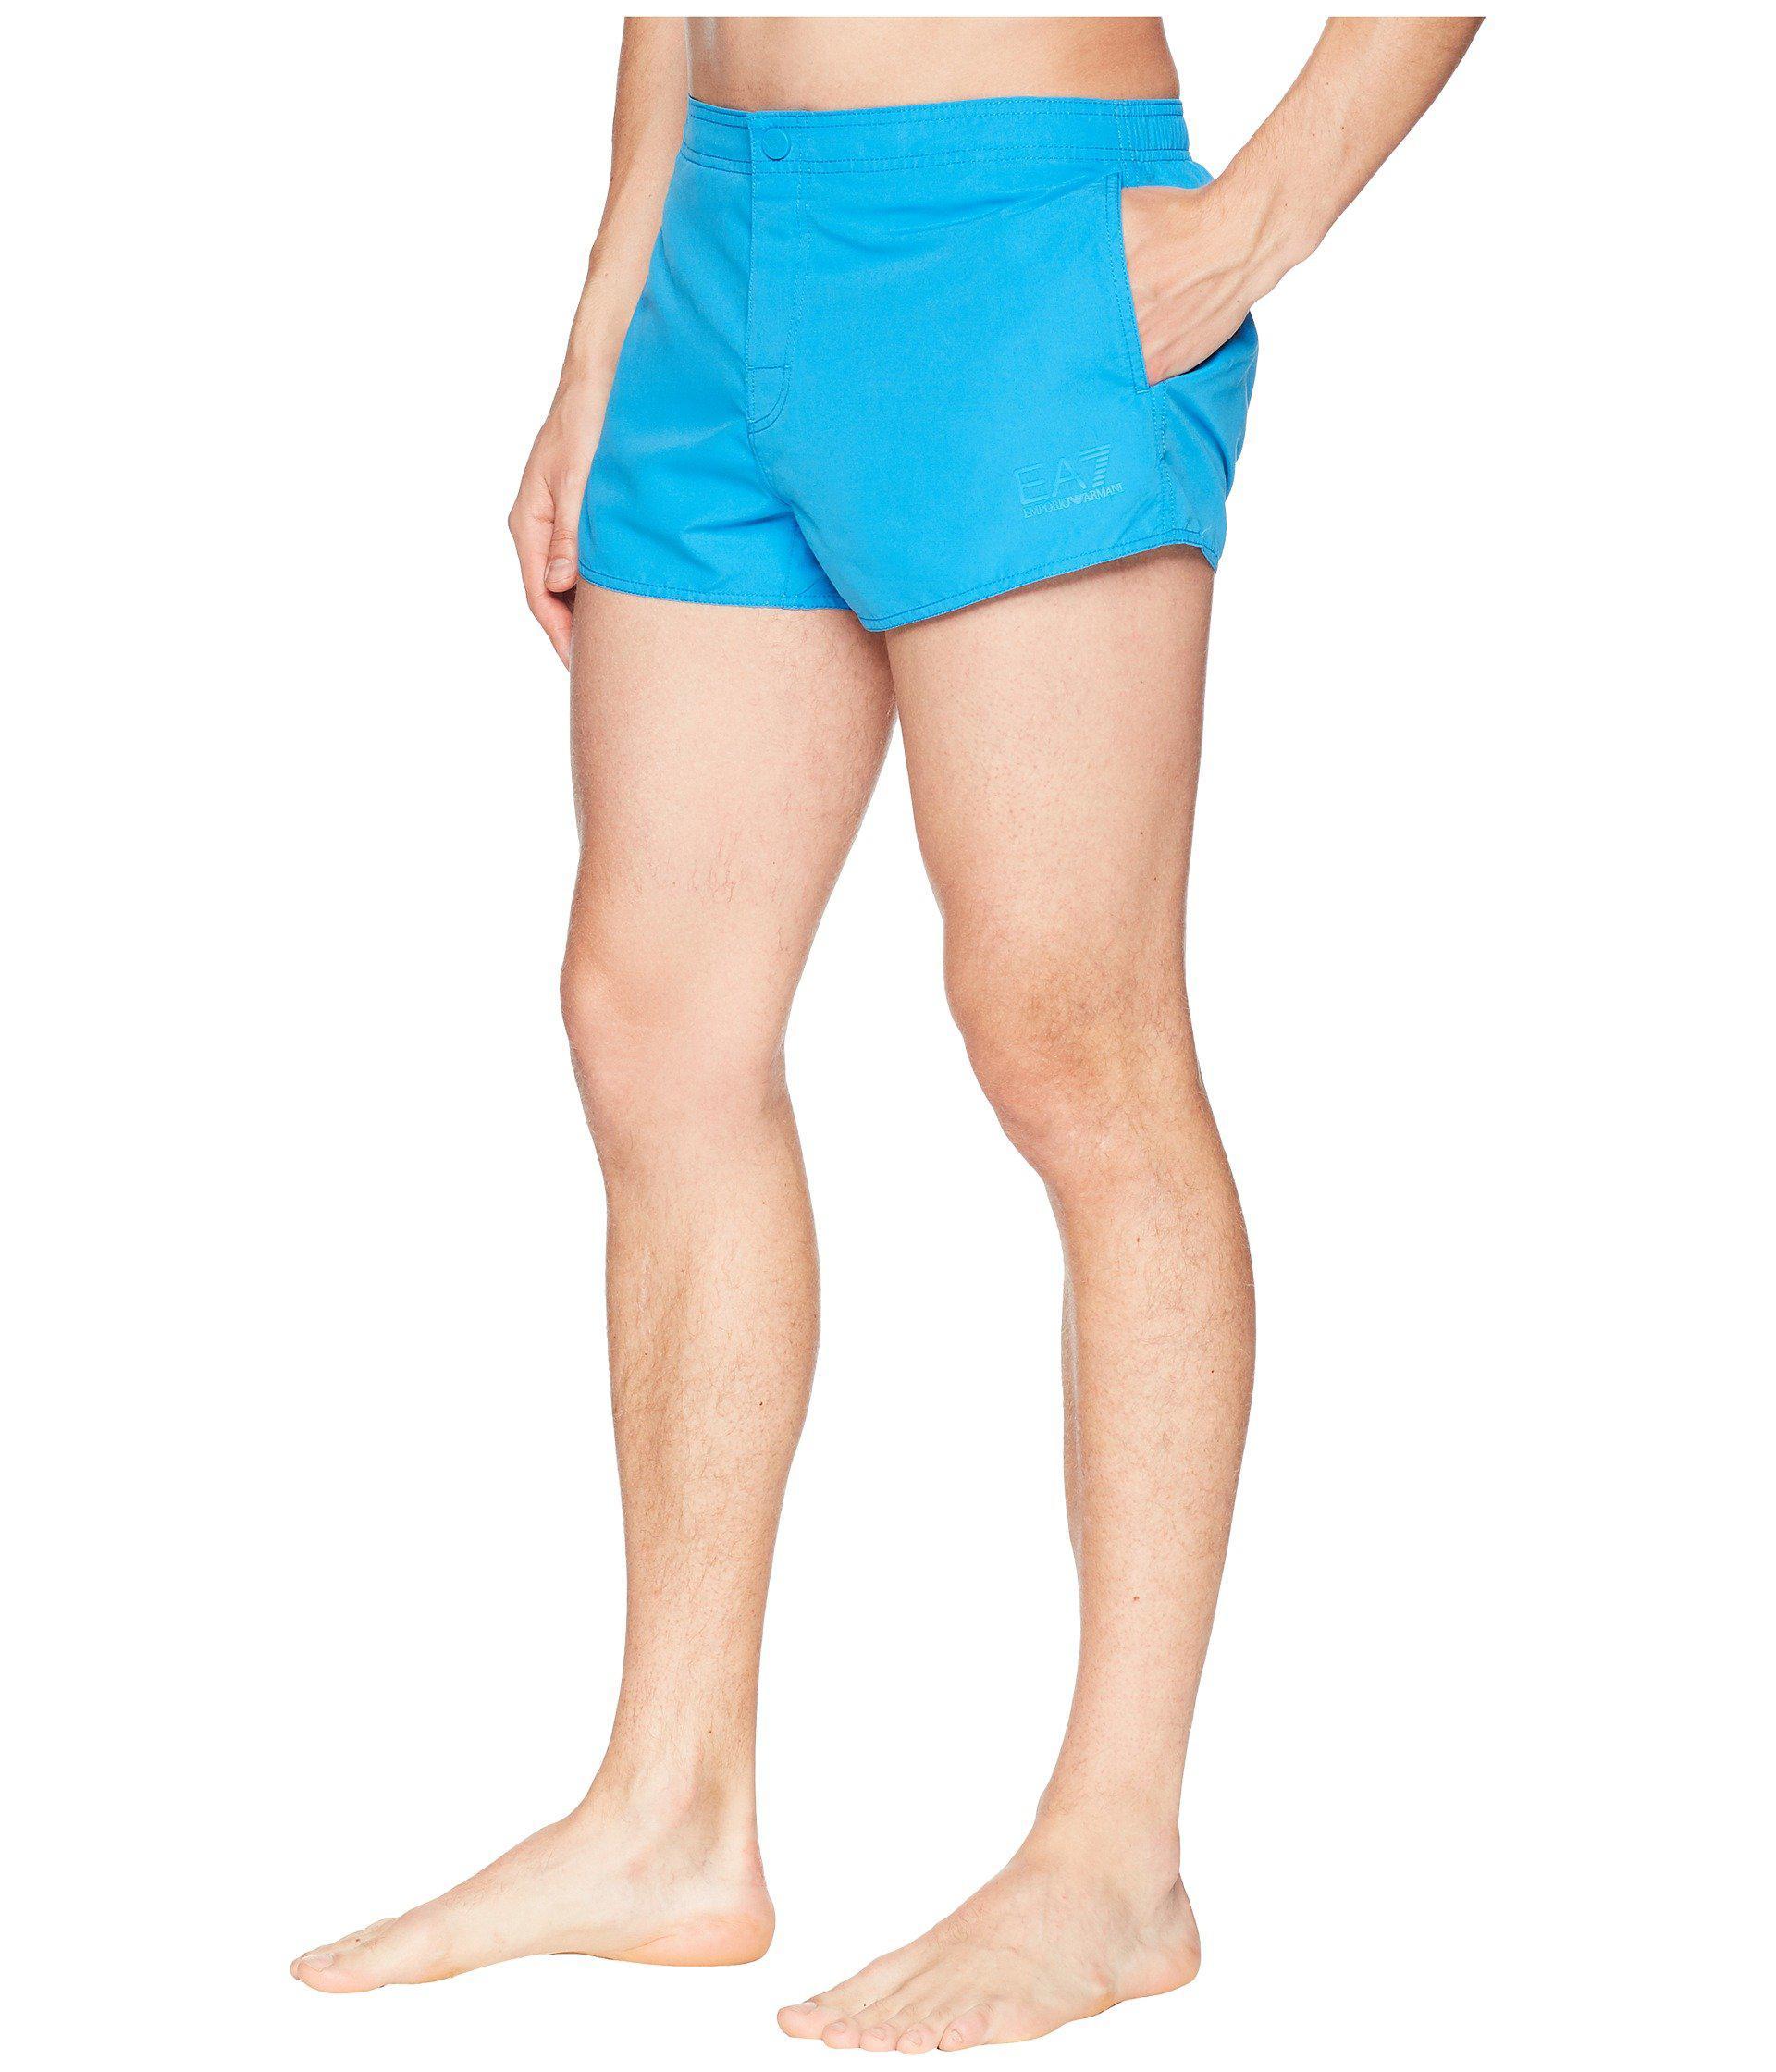 37c5085803 Lyst - Emporio Armani Ea7 Sea World Swim Shorts in Blue for Men - Save 56%